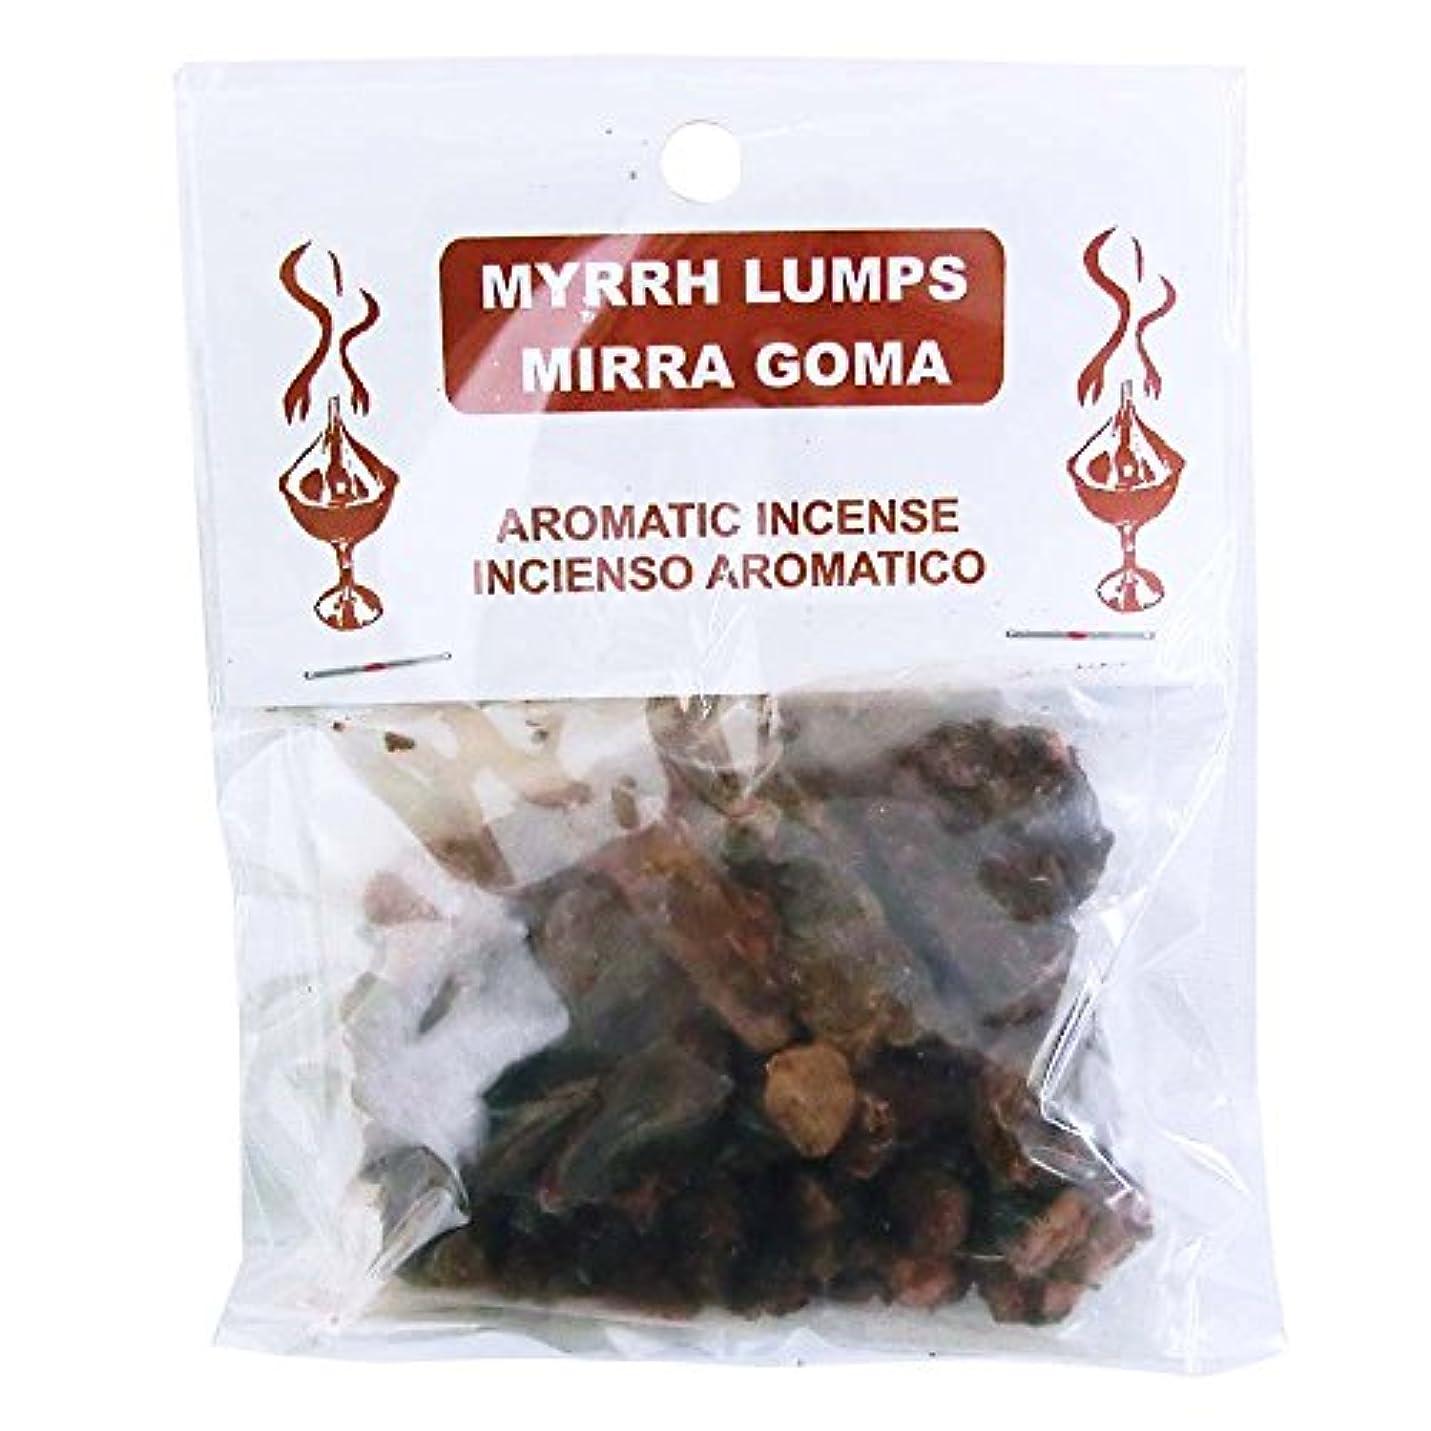 同等のパーフェルビッド天皇3KINGS Resin Incense(ヨルダンの聖別香) Myrrh Lumps